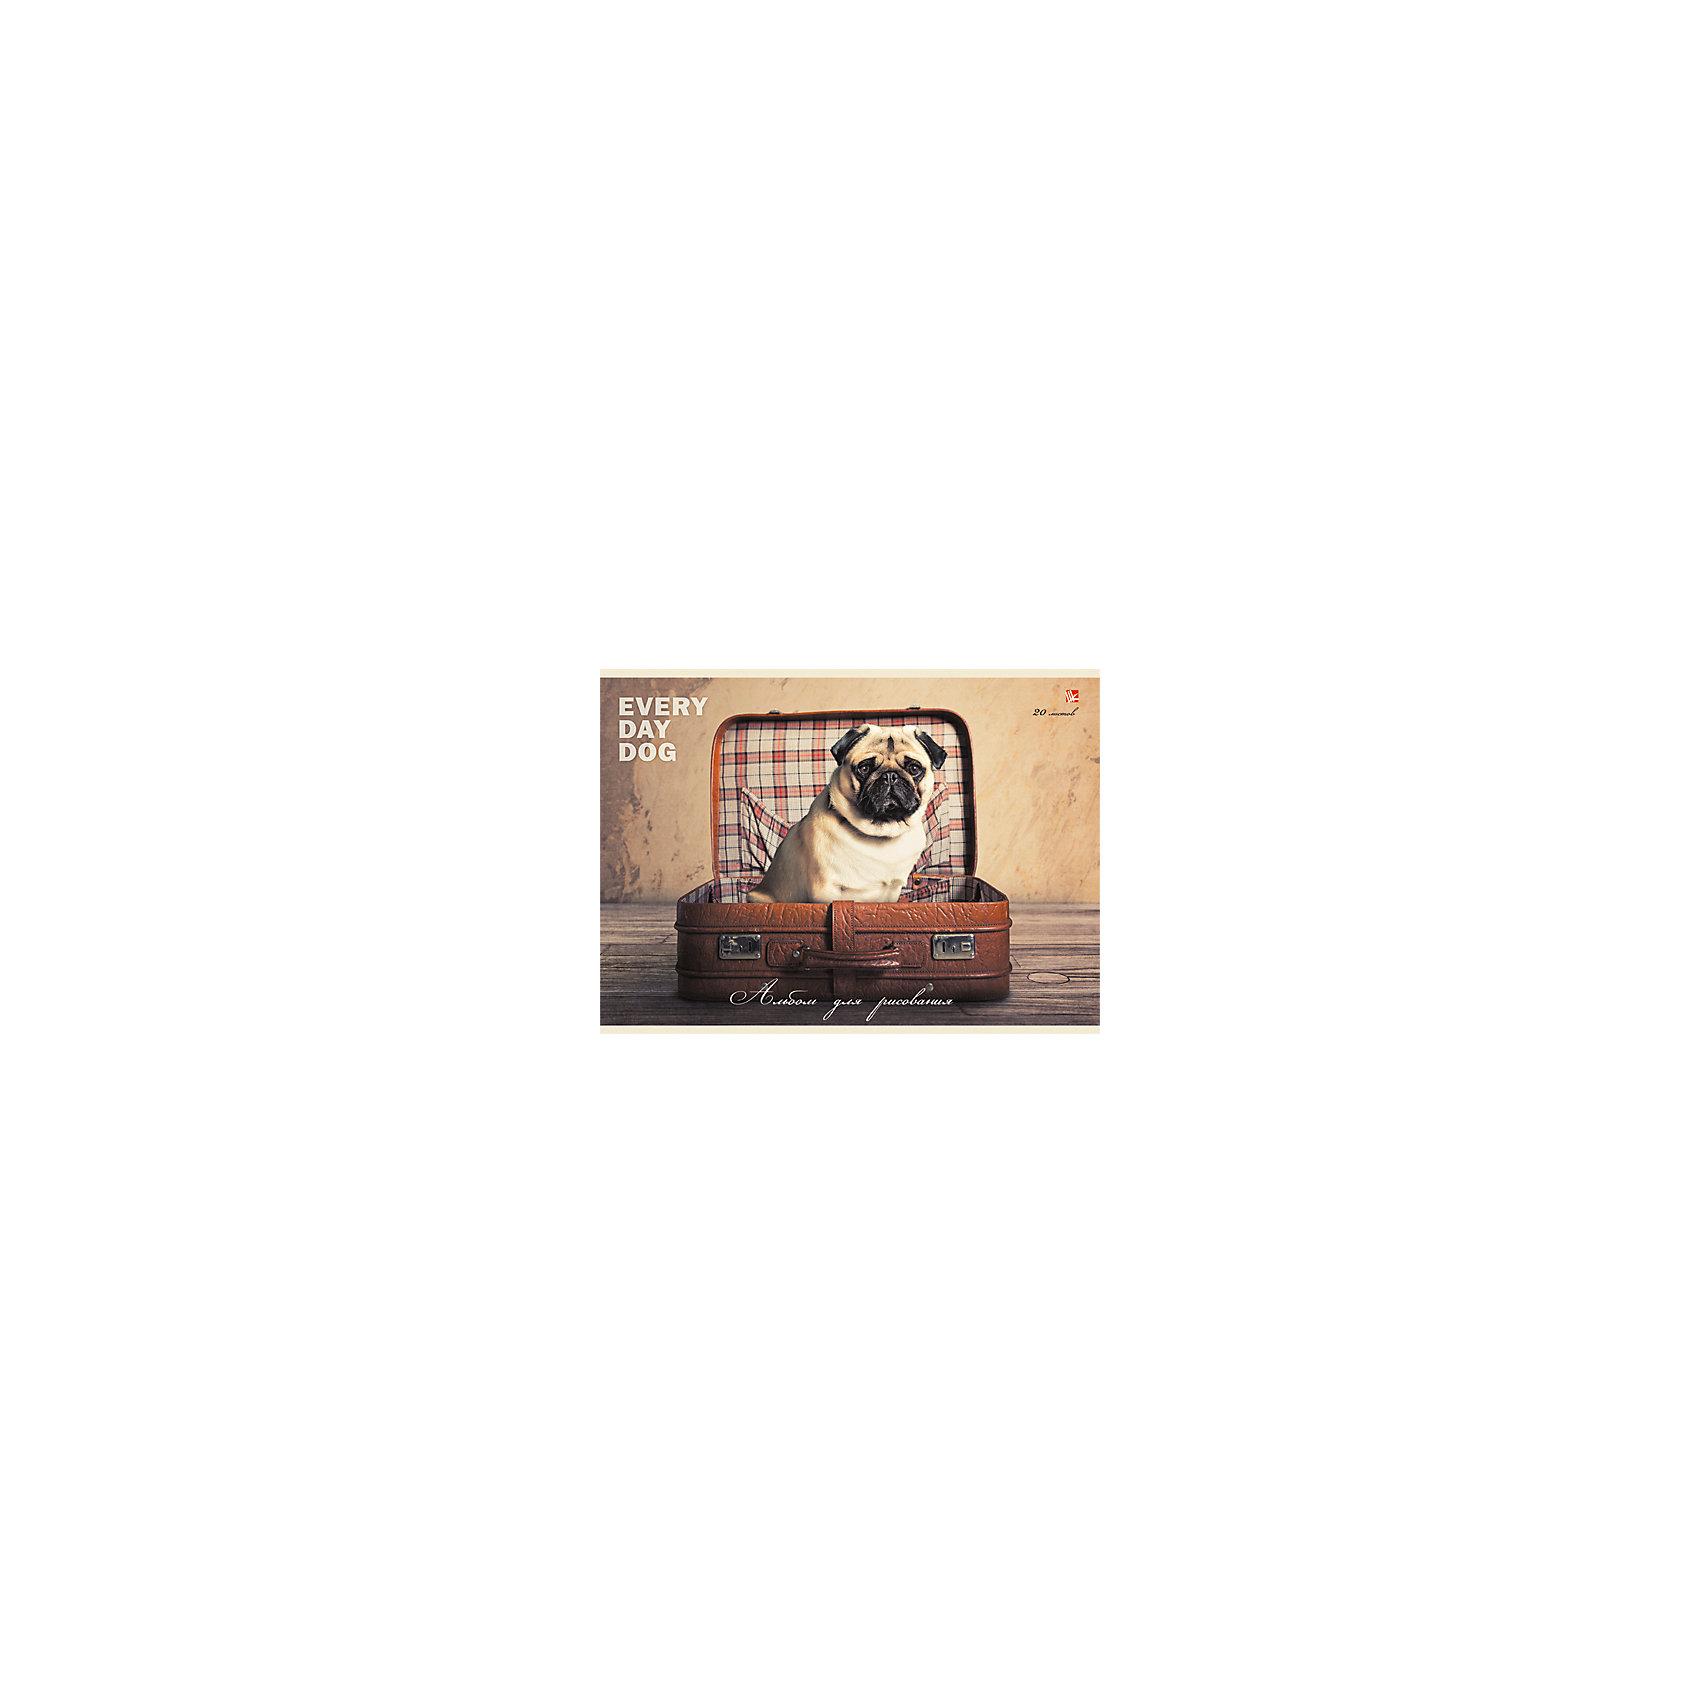 Альбом для рисования Пес-путешественник, 20лАльбом для рисования Пес-путешественник  - незаменимый помощник начинающим художникам. Удобное крепление и плотные страницы превратят процесс рисования в увлекательное и интересное занятие. Художественное творчество развивает внимание, усидчивость и воображение.<br><br>Дополнительная информация:<br>Внутренний блок: офсет 110 г/м2<br>Обложка: мелованный картон.<br>Количество листов: 20<br>Крепление: склейка<br>Альбом для рисования Пес-путешественник вы можете приобрести в нашем интернет-магазине.<br><br>Ширина мм: 210<br>Глубина мм: 297<br>Высота мм: 8<br>Вес г: 214<br>Возраст от месяцев: 72<br>Возраст до месяцев: 144<br>Пол: Унисекс<br>Возраст: Детский<br>SKU: 4942431